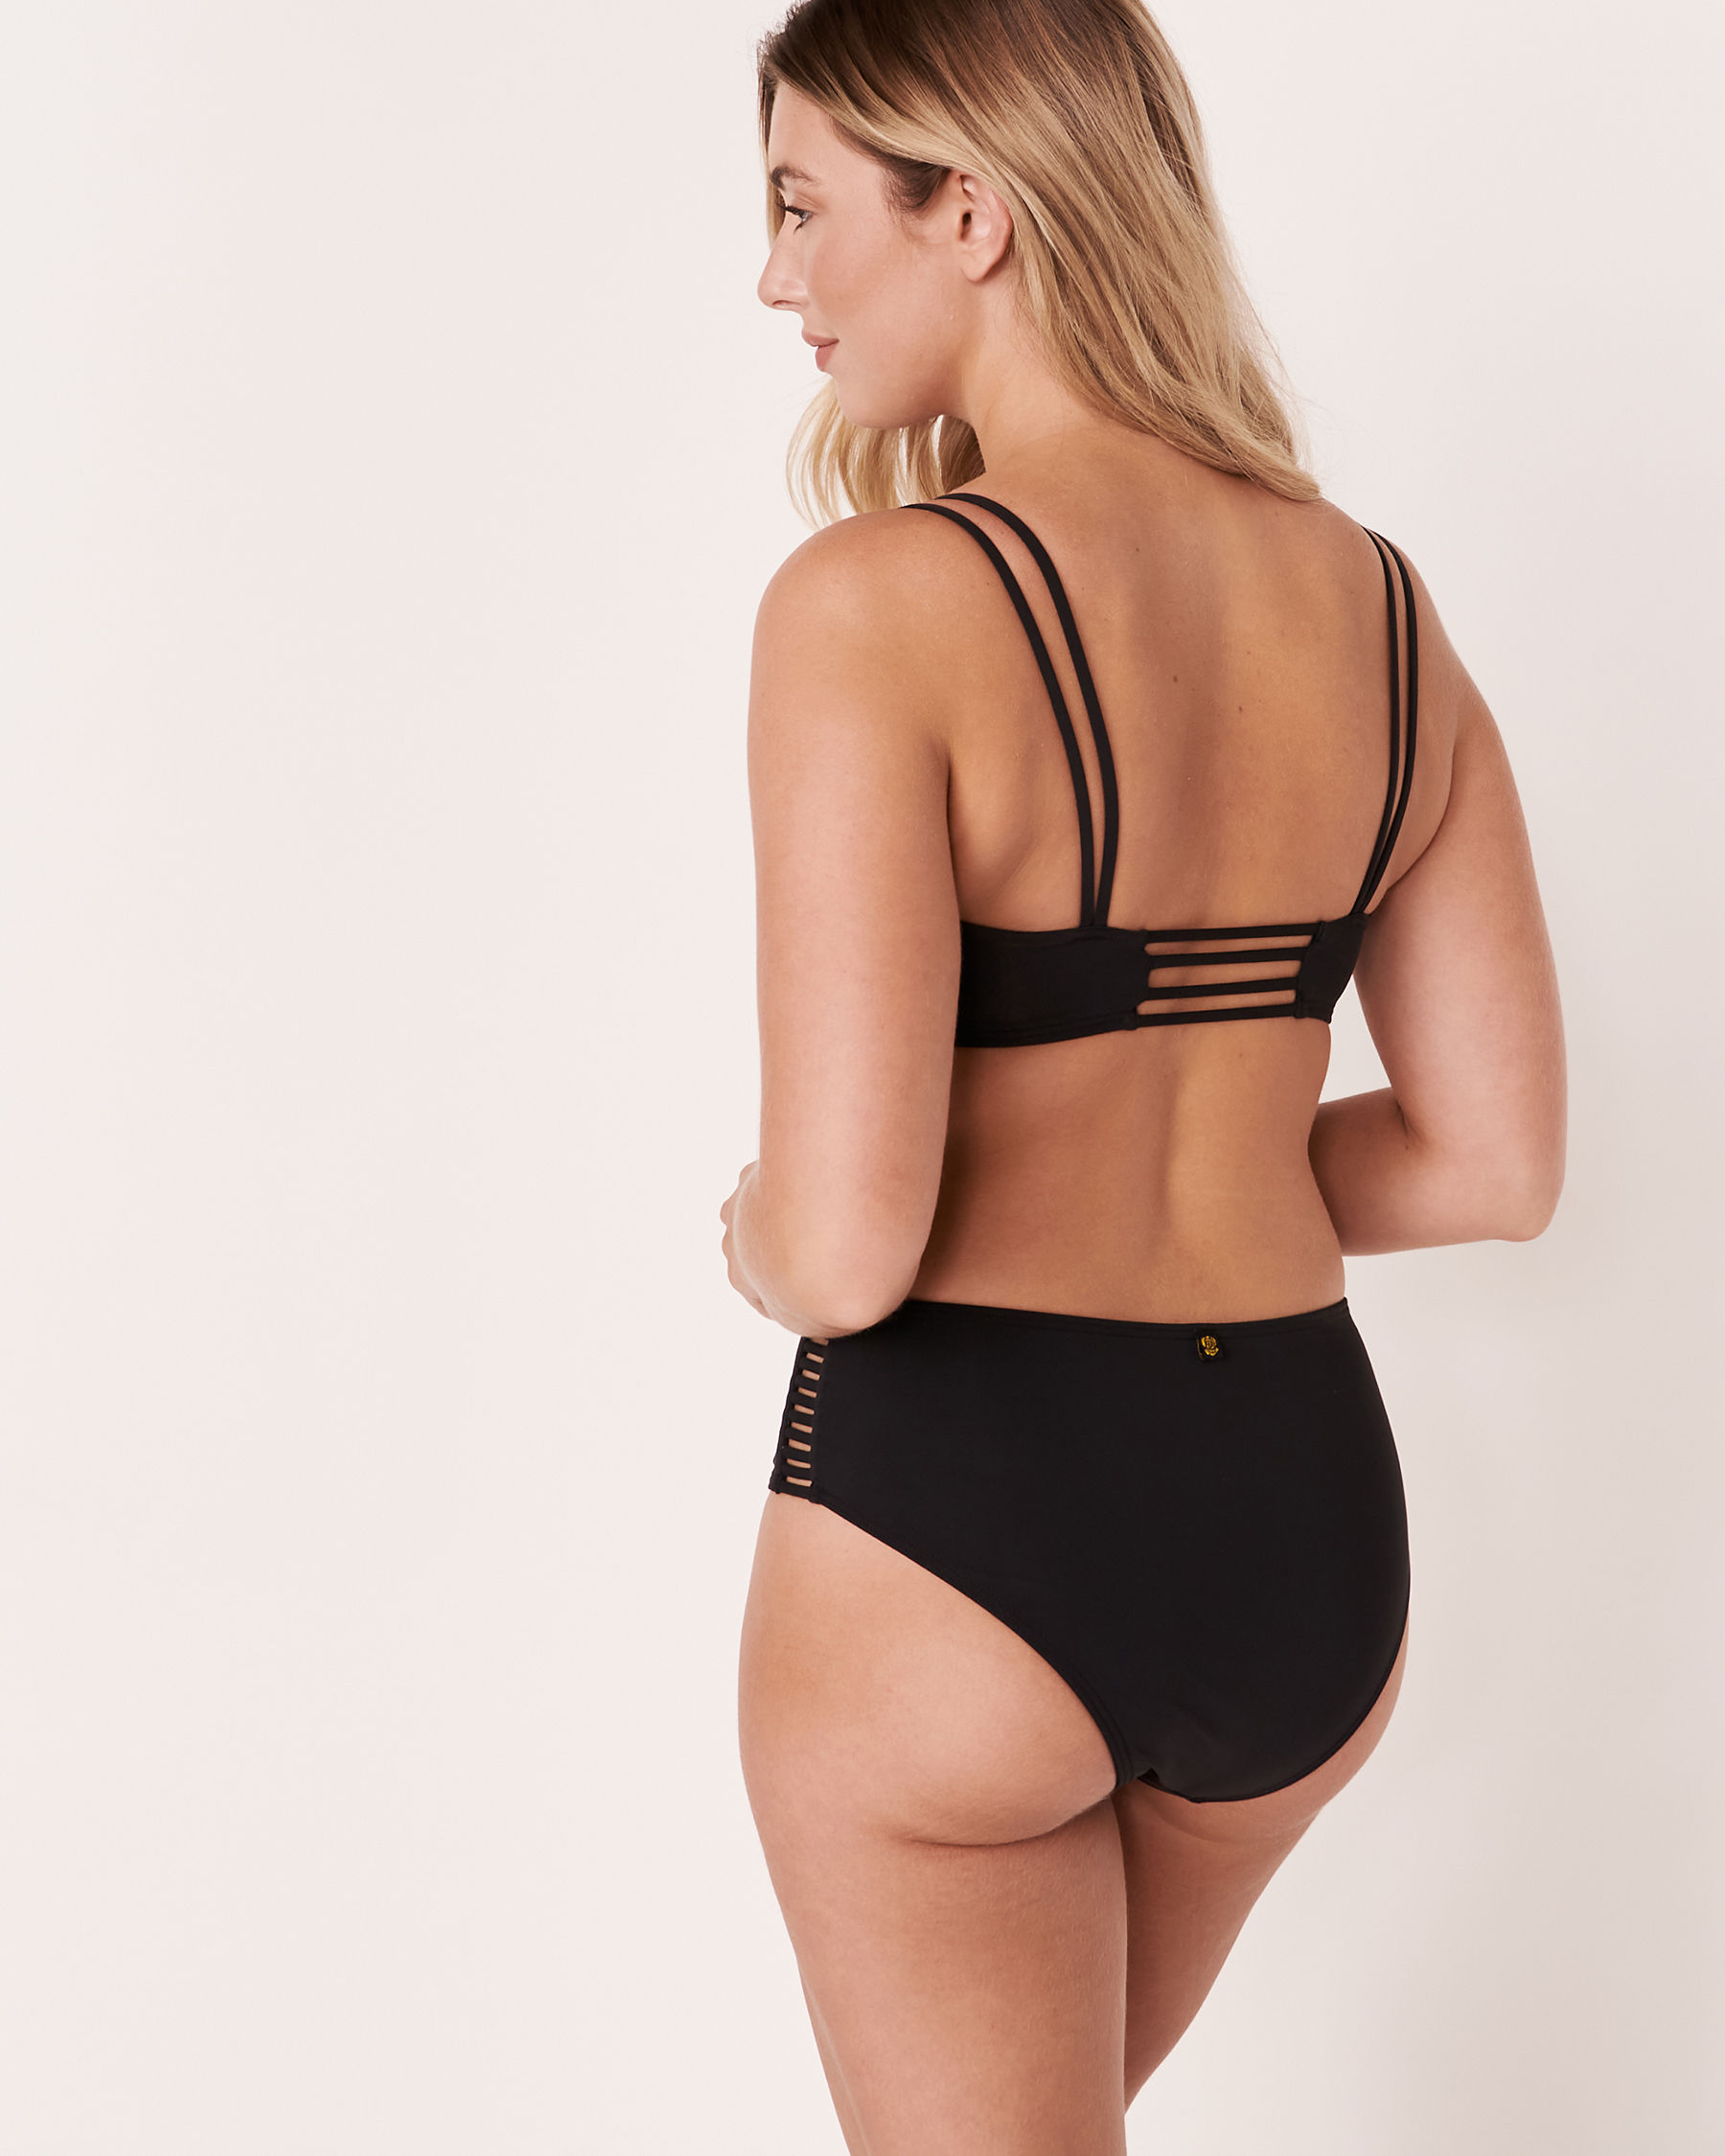 LA VIE EN ROSE AQUA Haut de bikini bralette nouée SOLID Noir 70100089 - Voir3